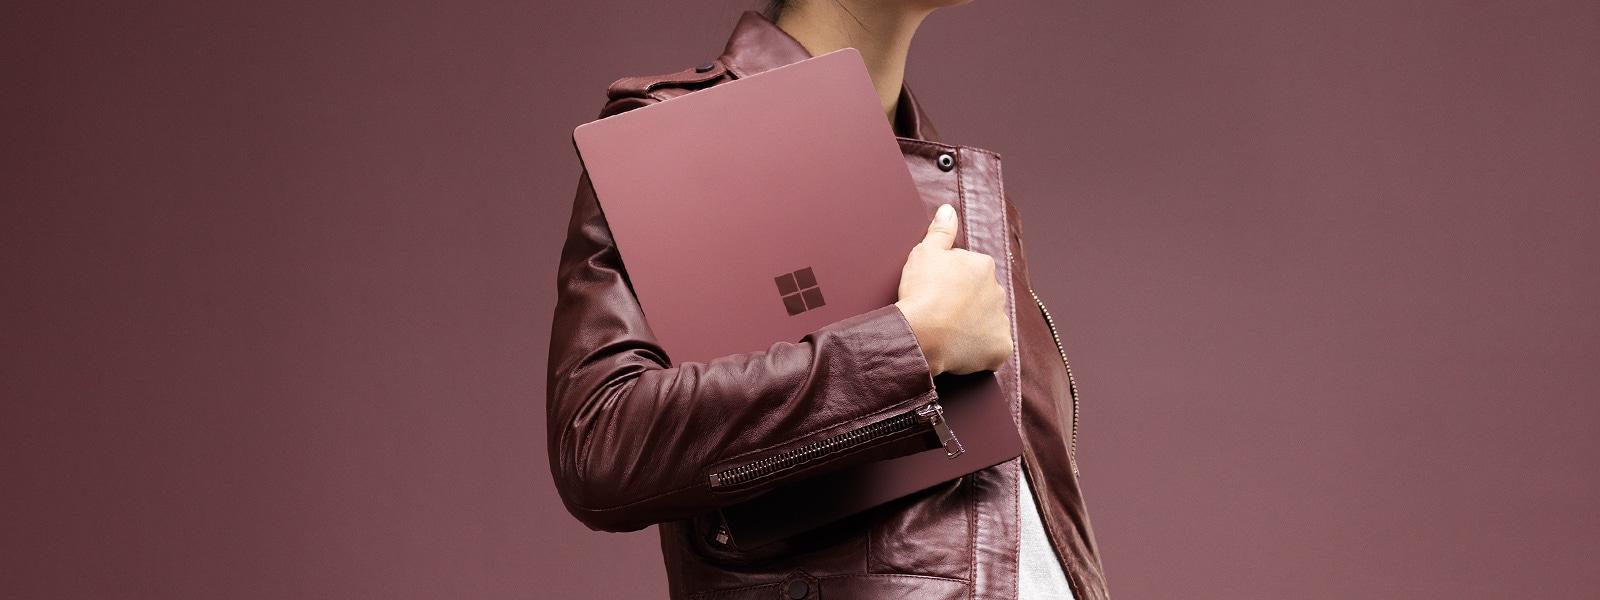 ワイン色の Surface Laptop を胸に抱えるファッショナブルな女性